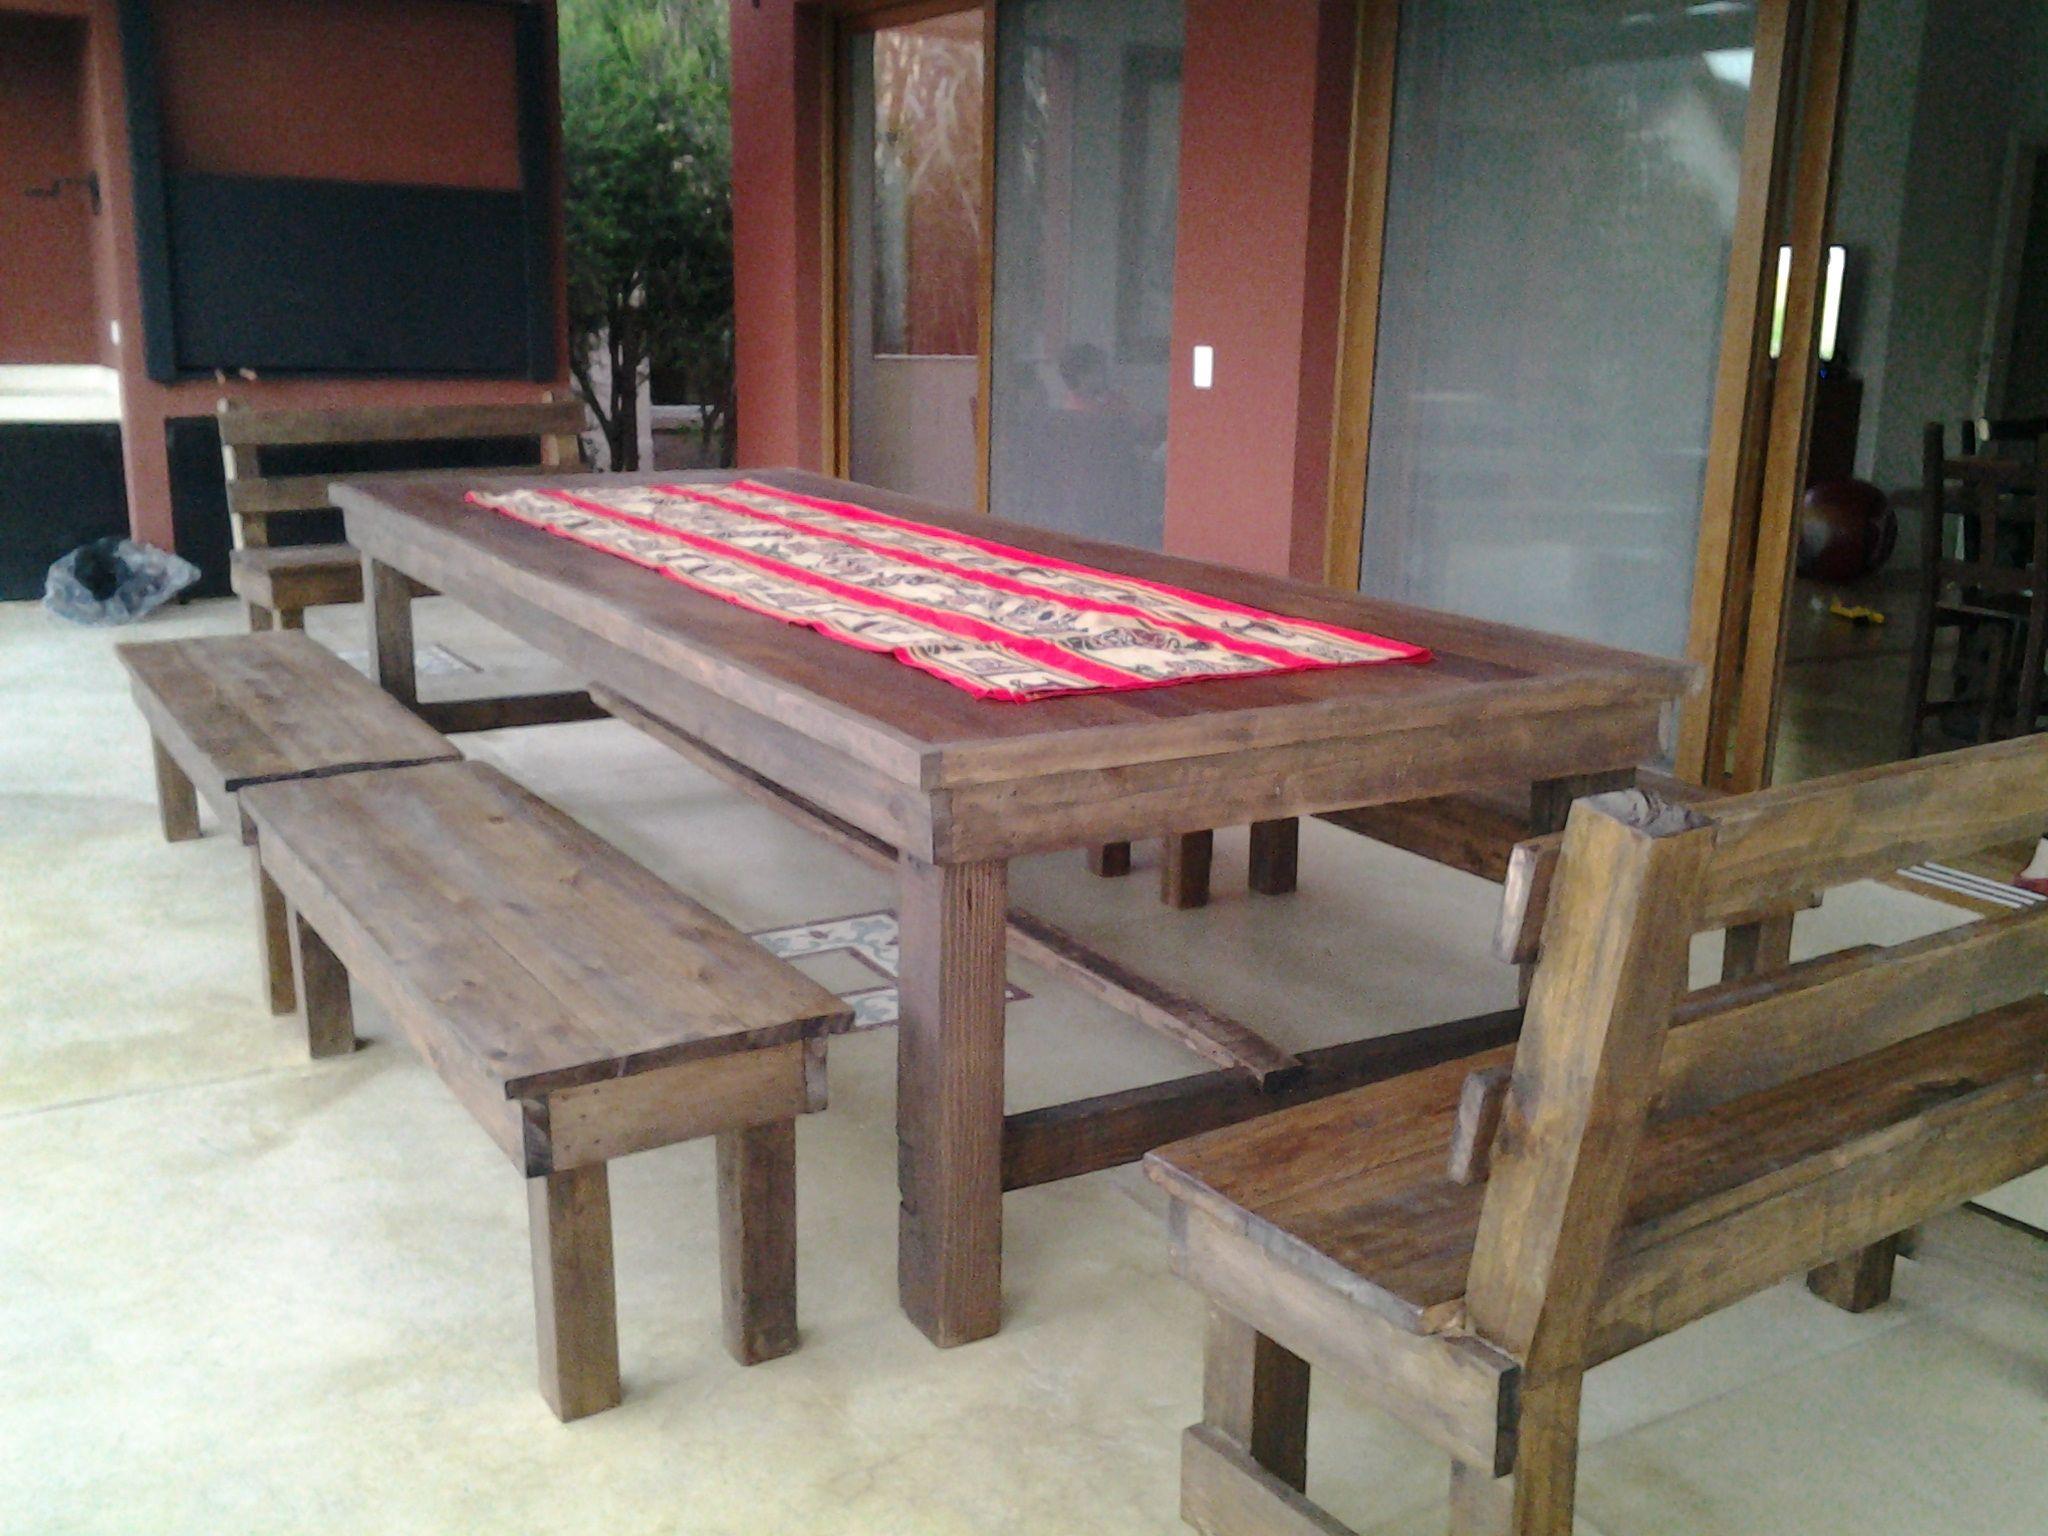 Mesa de madera dura reciclada mesas pinterest mesa - Mesa madera reciclada ...